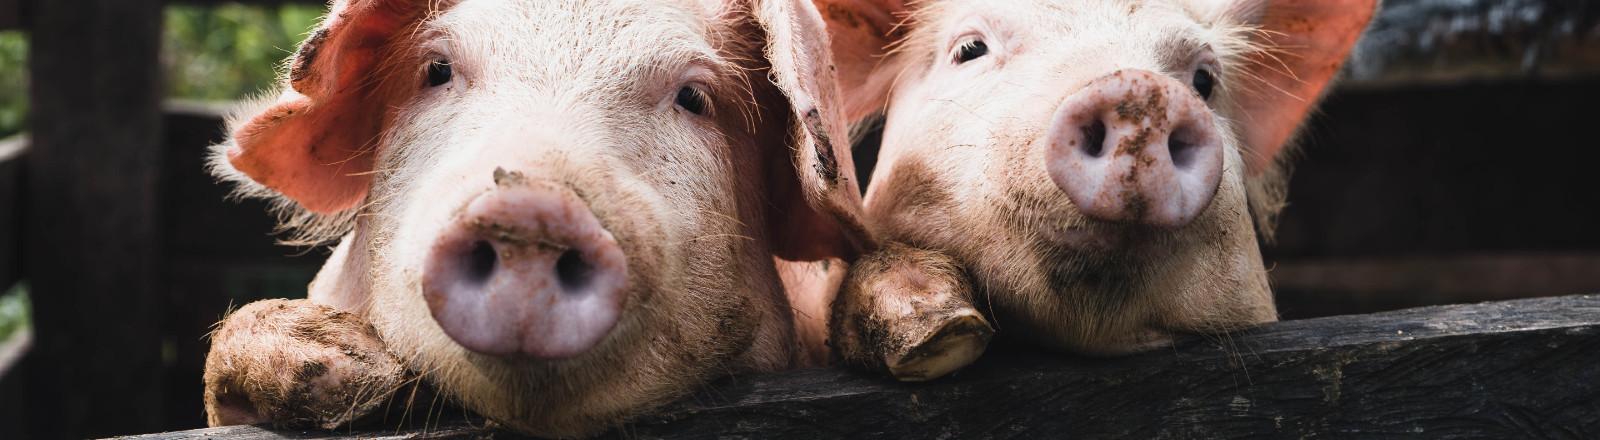 Zwei Schweine, die über einen Zaun schauen.